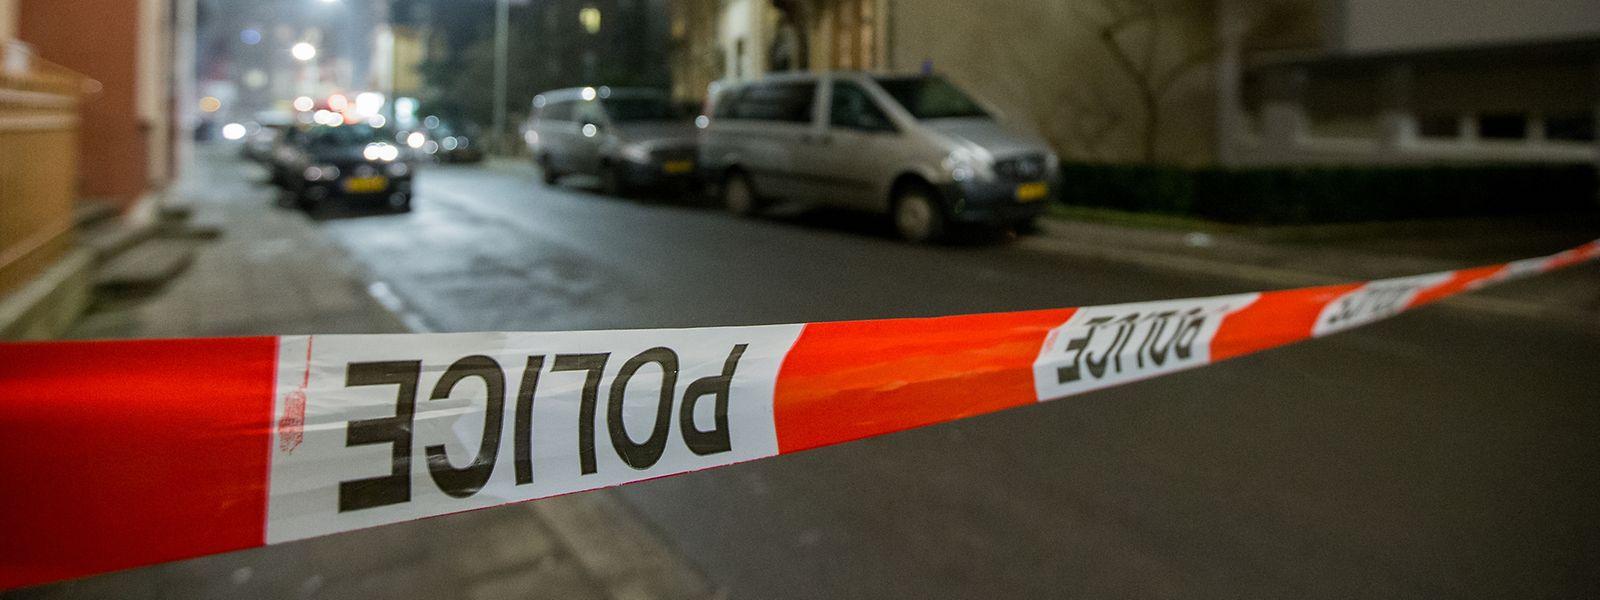 Am 7. Januar 2015 schoss ein Mann in Esch/Alzette sechs Mal auf seine getrennt lebende Ehefrau.